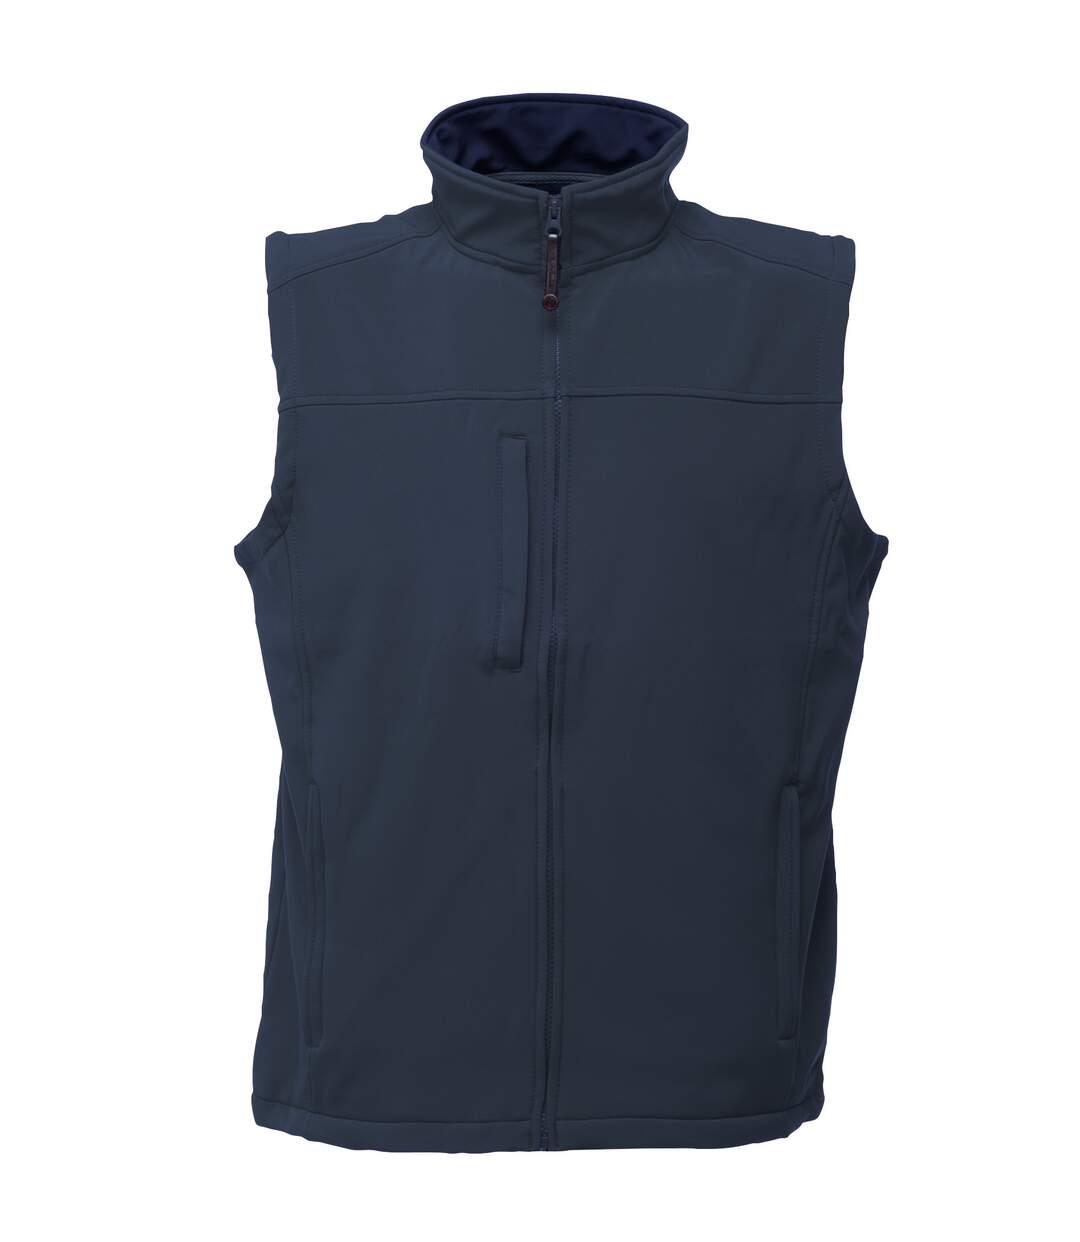 Regatta Mens Flux Softshell Bodywarmer / Sleeveless Jacket (Water Repellent & Wind Resistant) (Navy/Navy) - UTRW1213